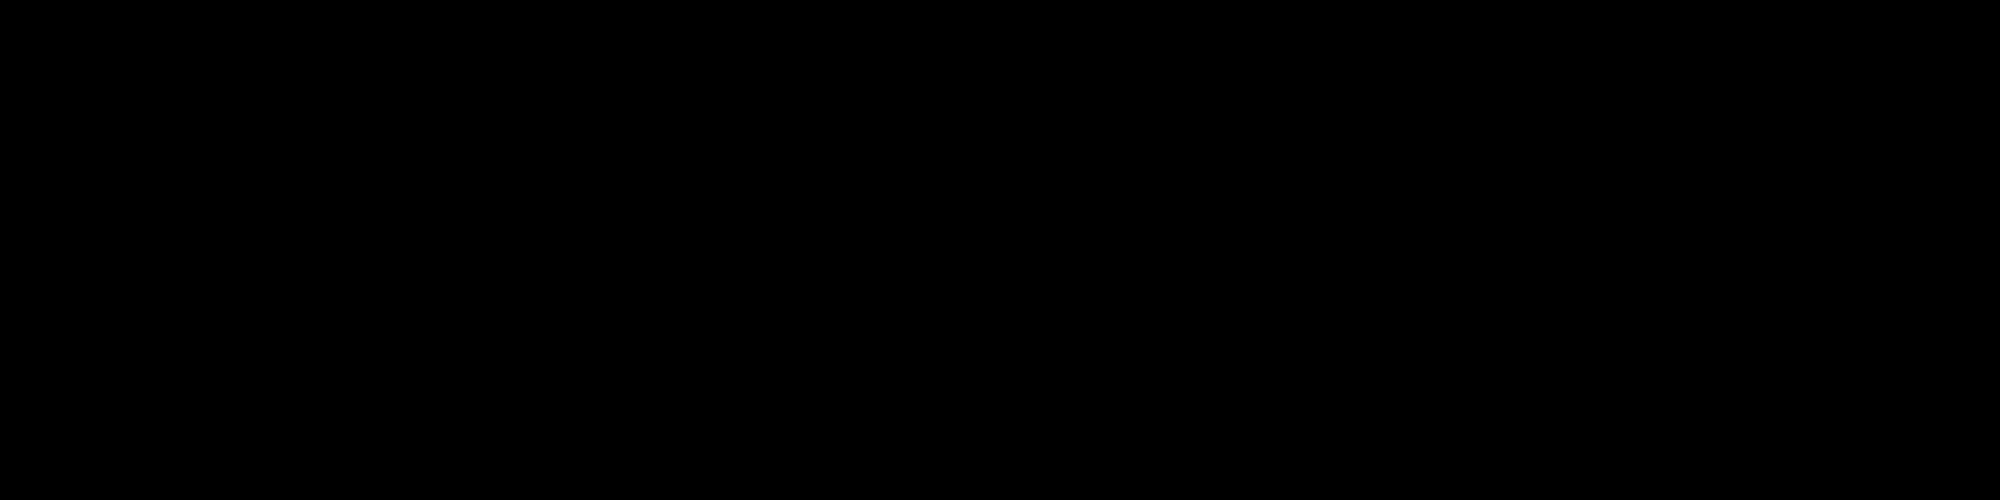 thefool-transparent-logo.png